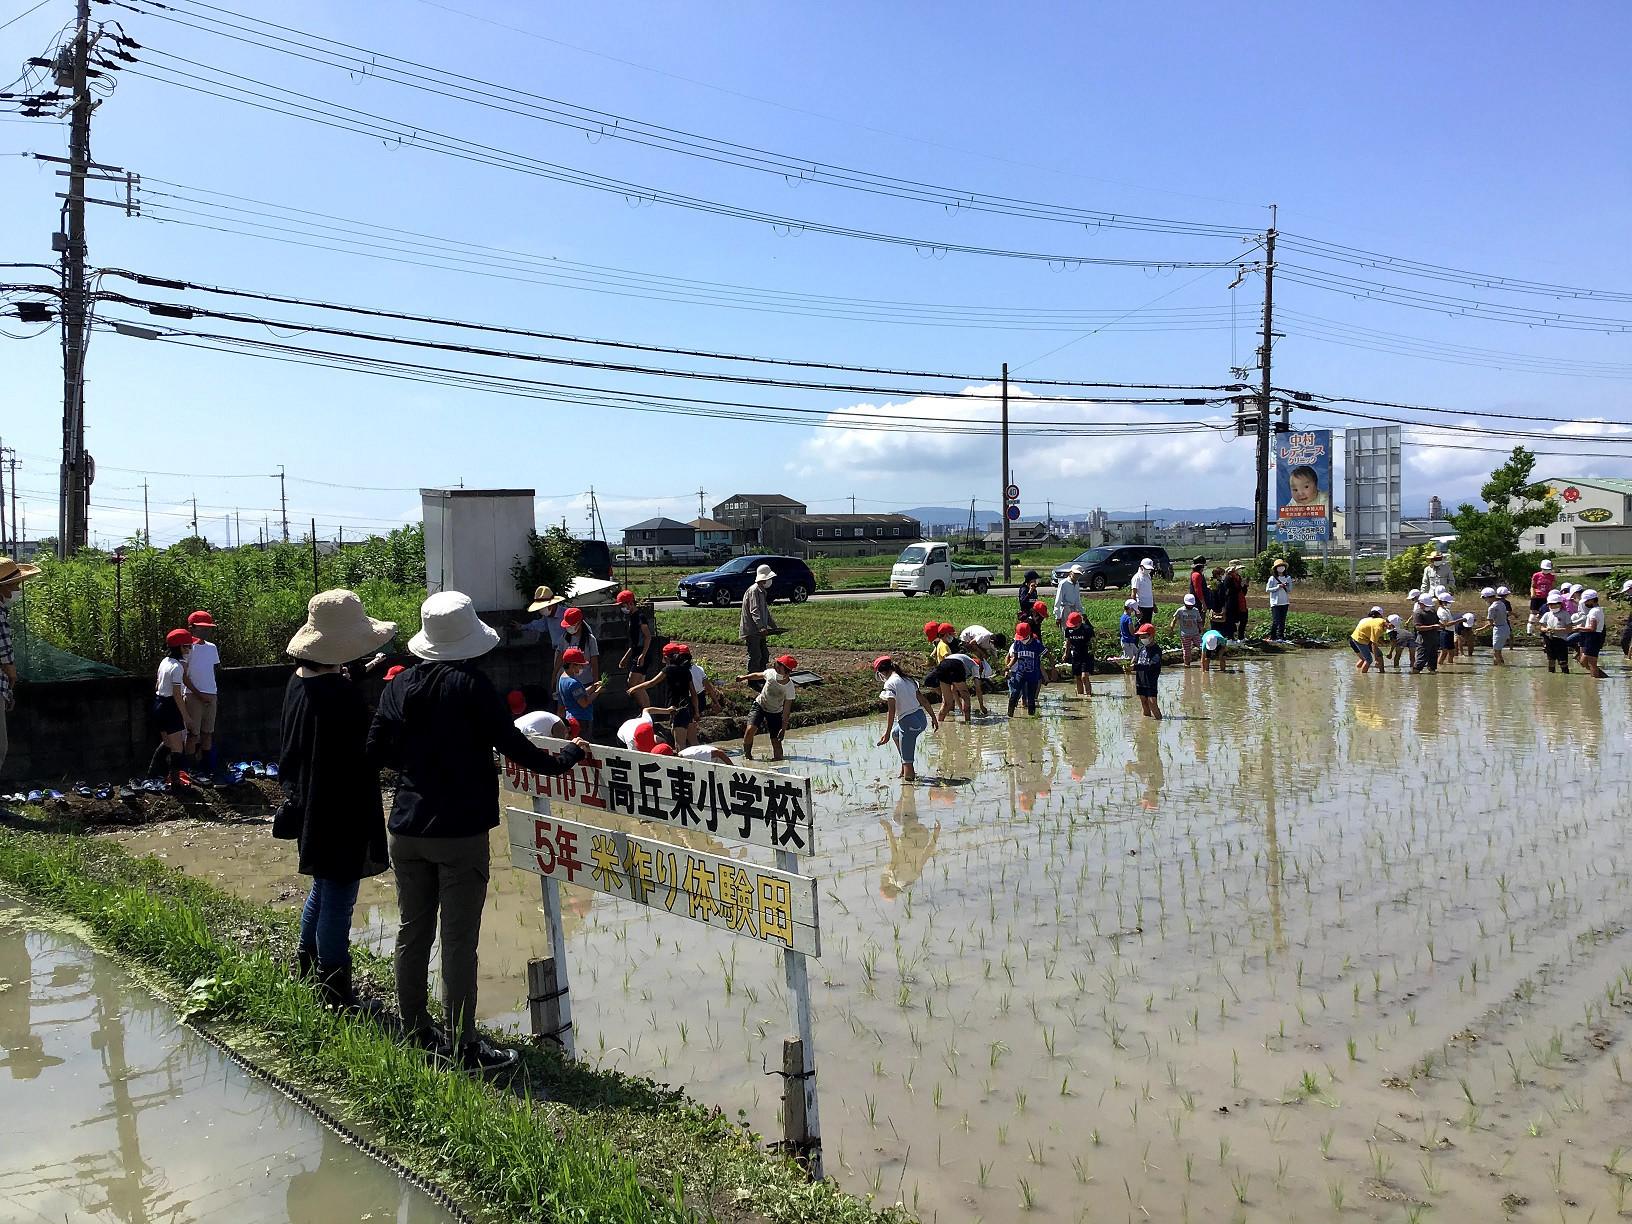 ほぼ田植え完成。『明石市高丘東小学校5年米作り体験田』看板設置。横の親御さんも次回参加してもらいましょうか。背景に淡路島が見えるよ。左側には明石海峡大橋が。